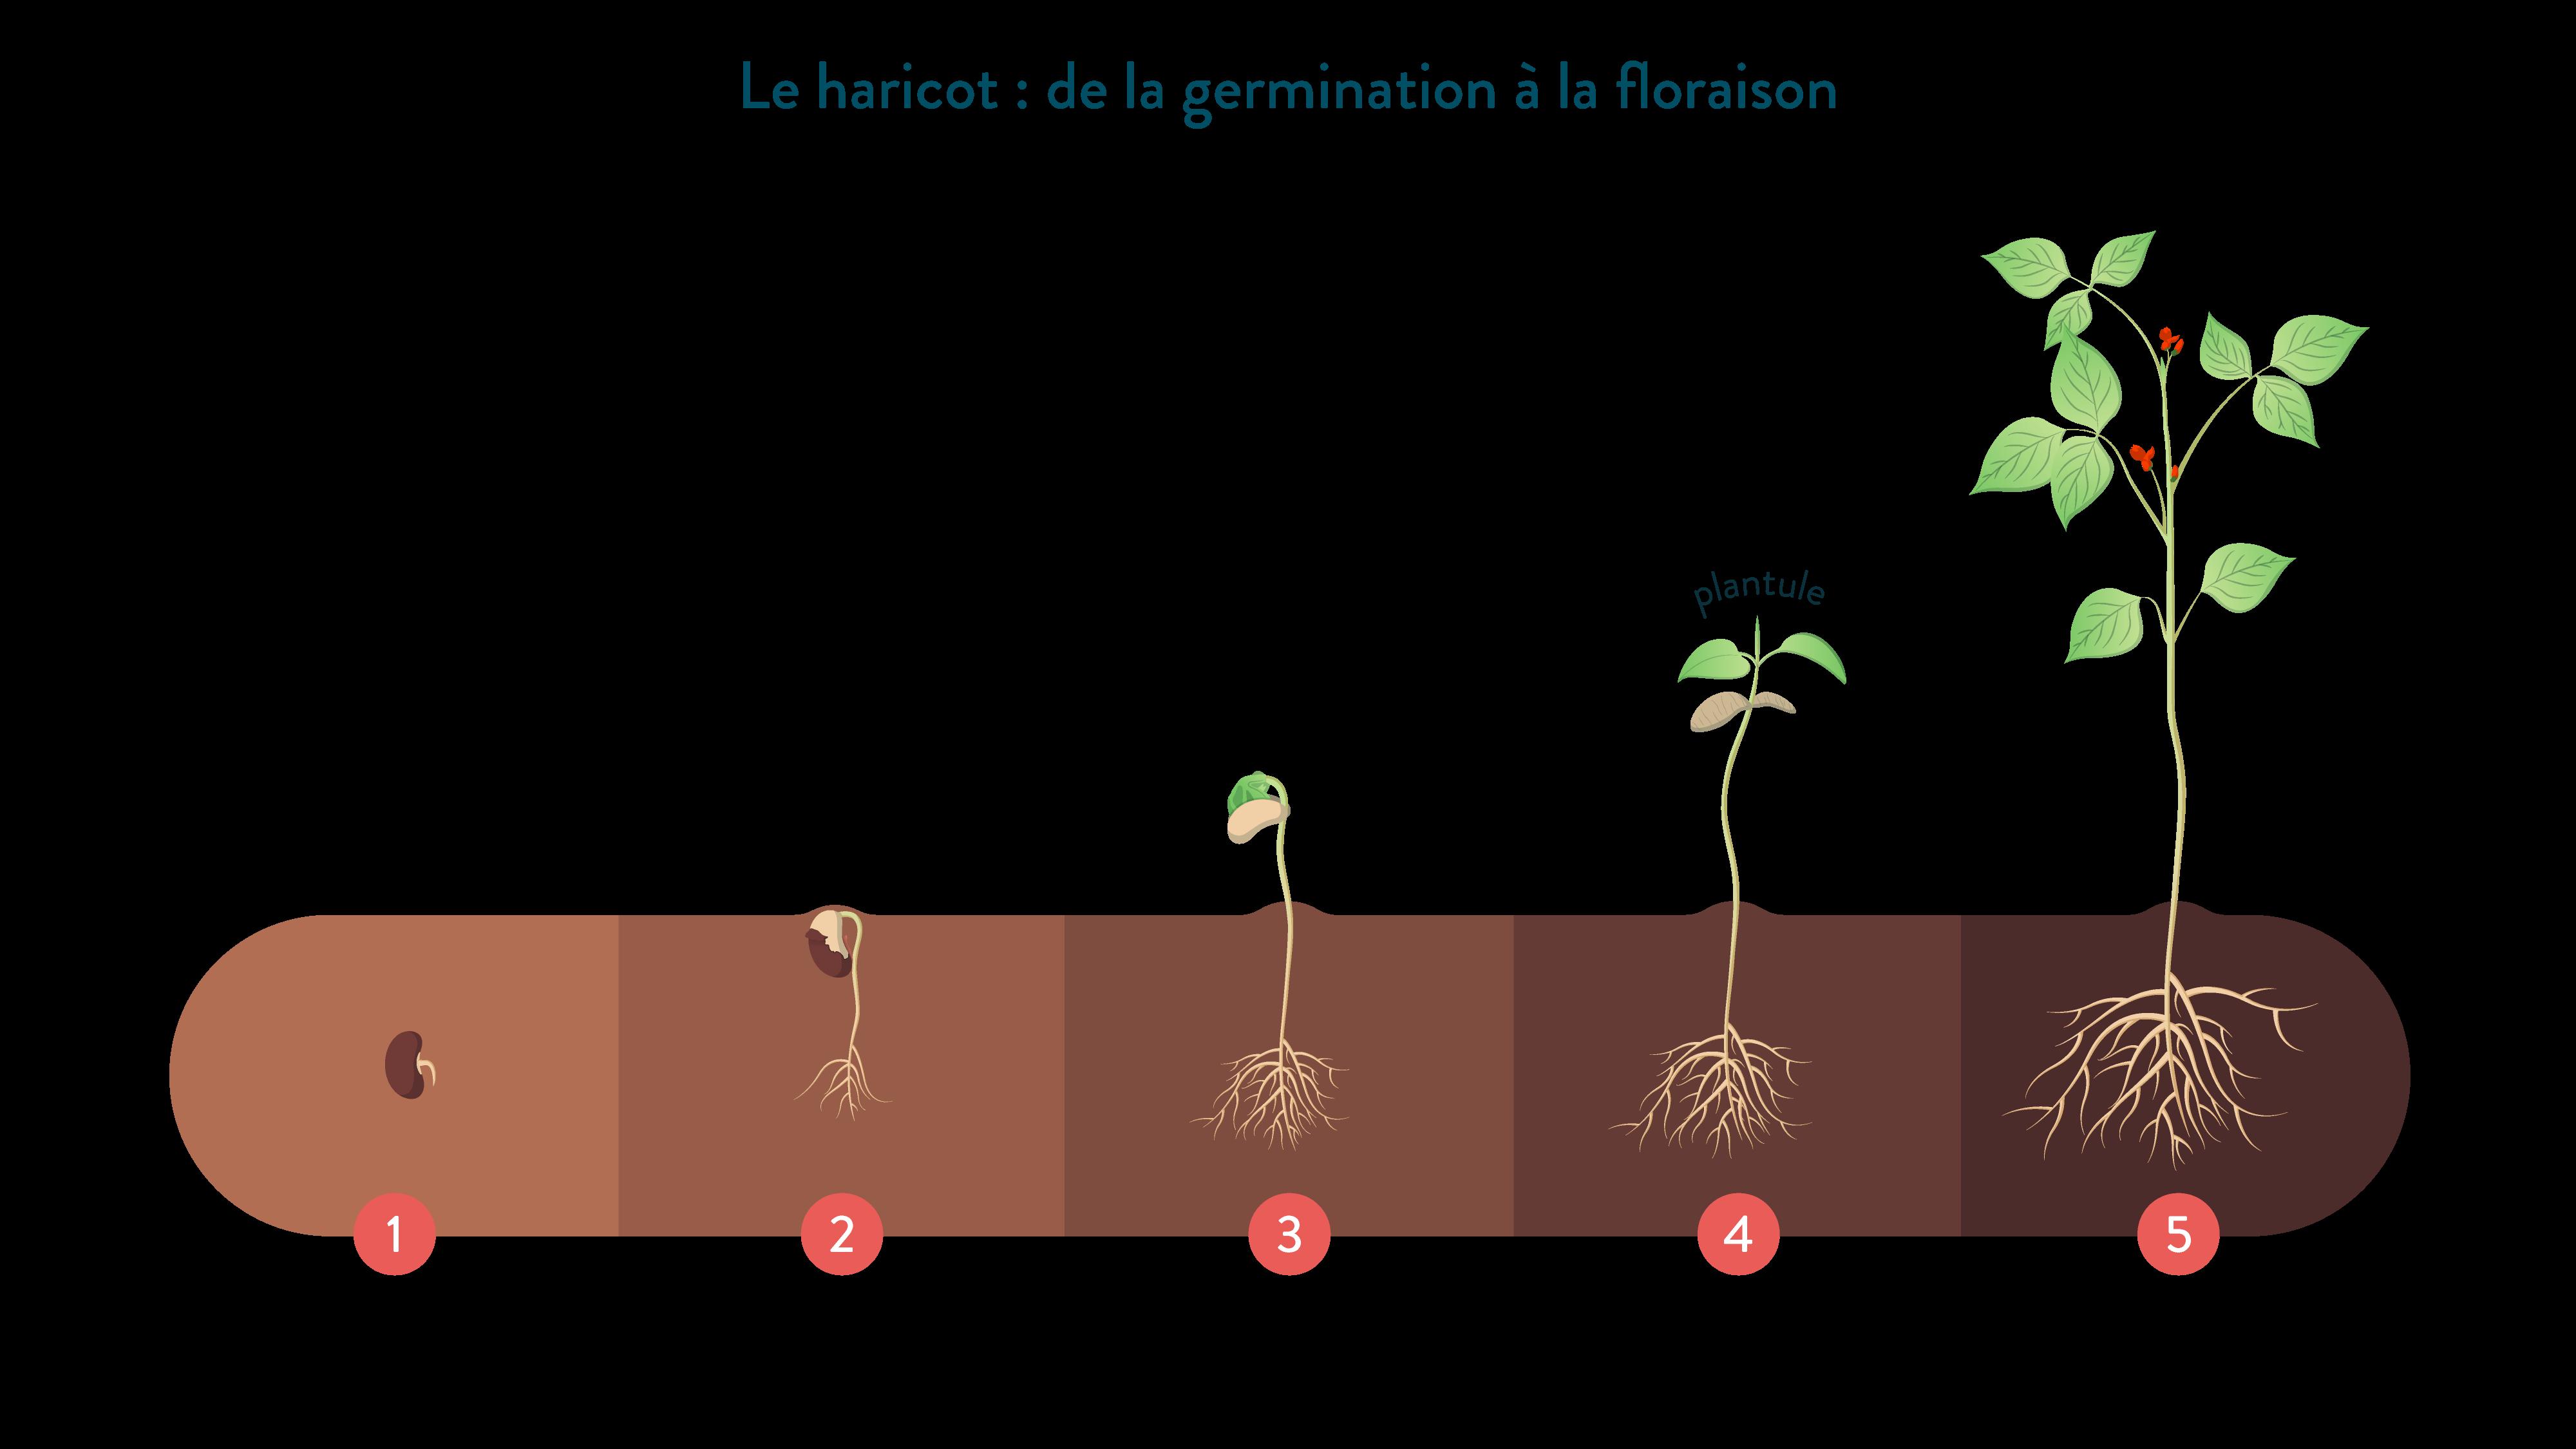 Le haricot germination floraison svt 6ème schoolmouv